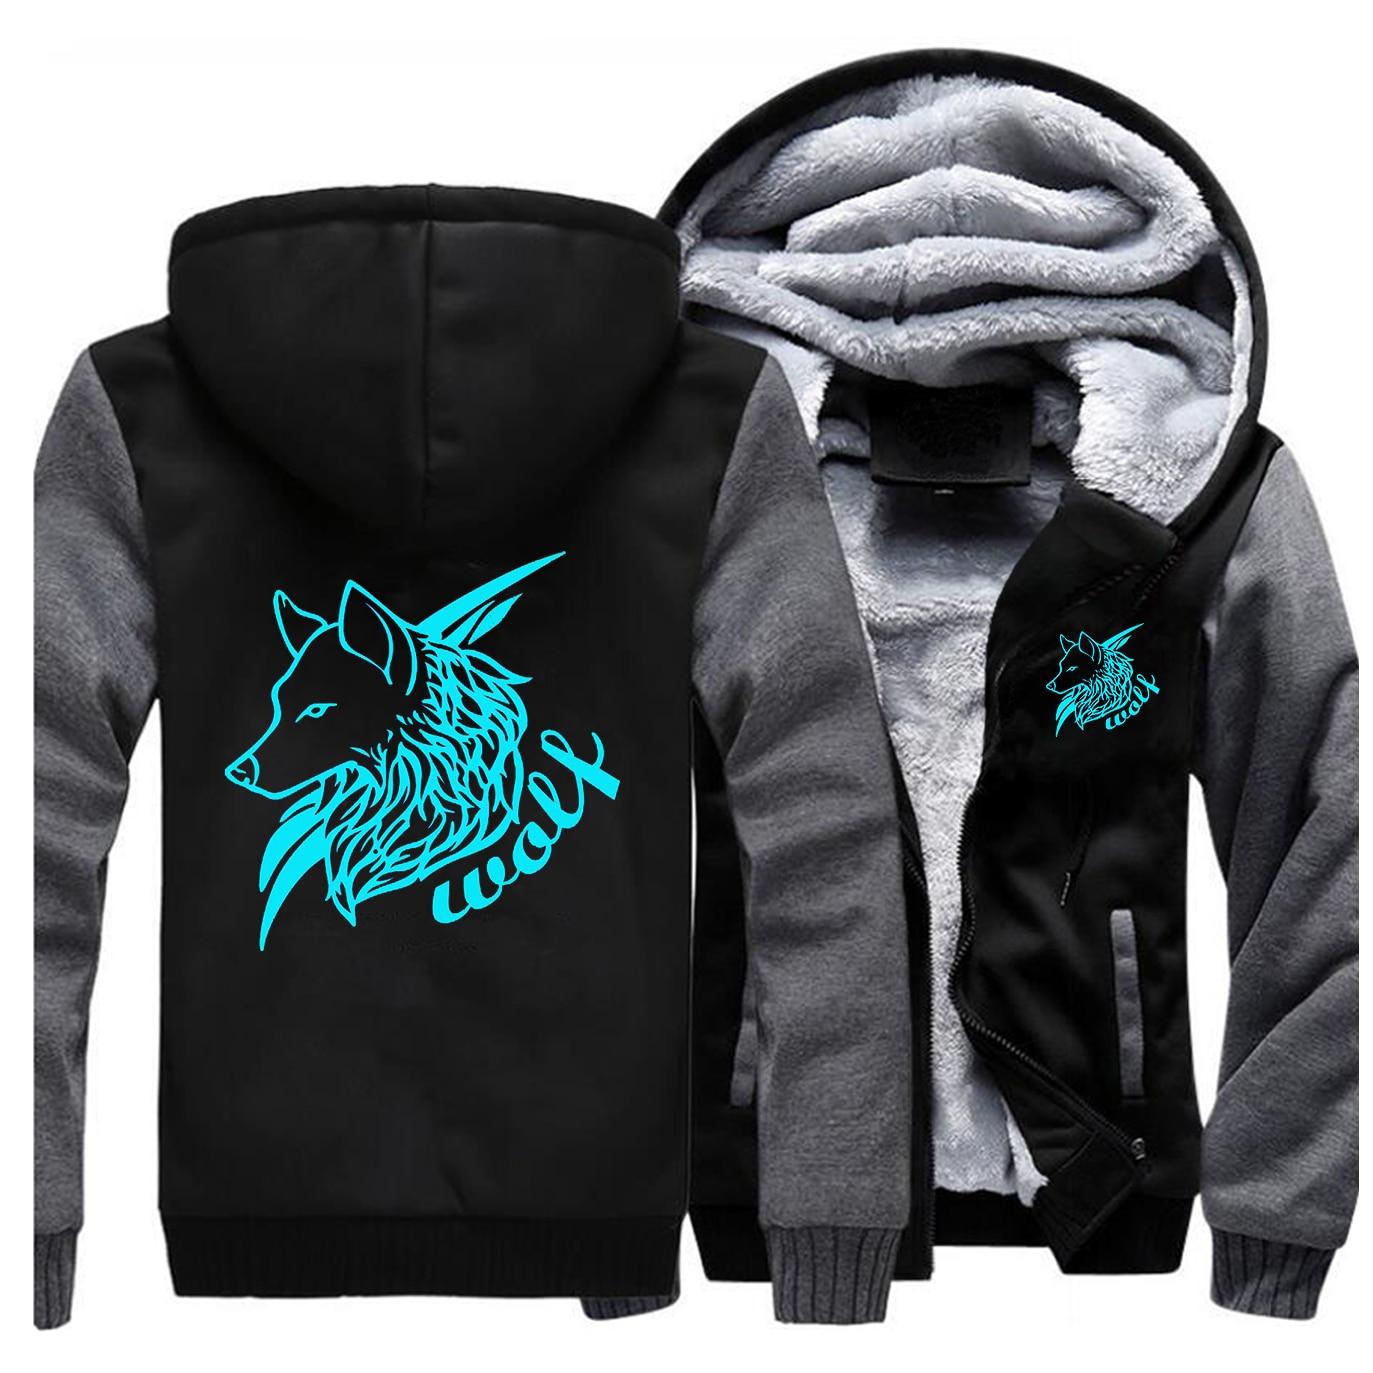 Loup lune Sweatshirts hommes hiver polaire imprimé épais Hoodies veste Hoddie Streetwear Sportswear